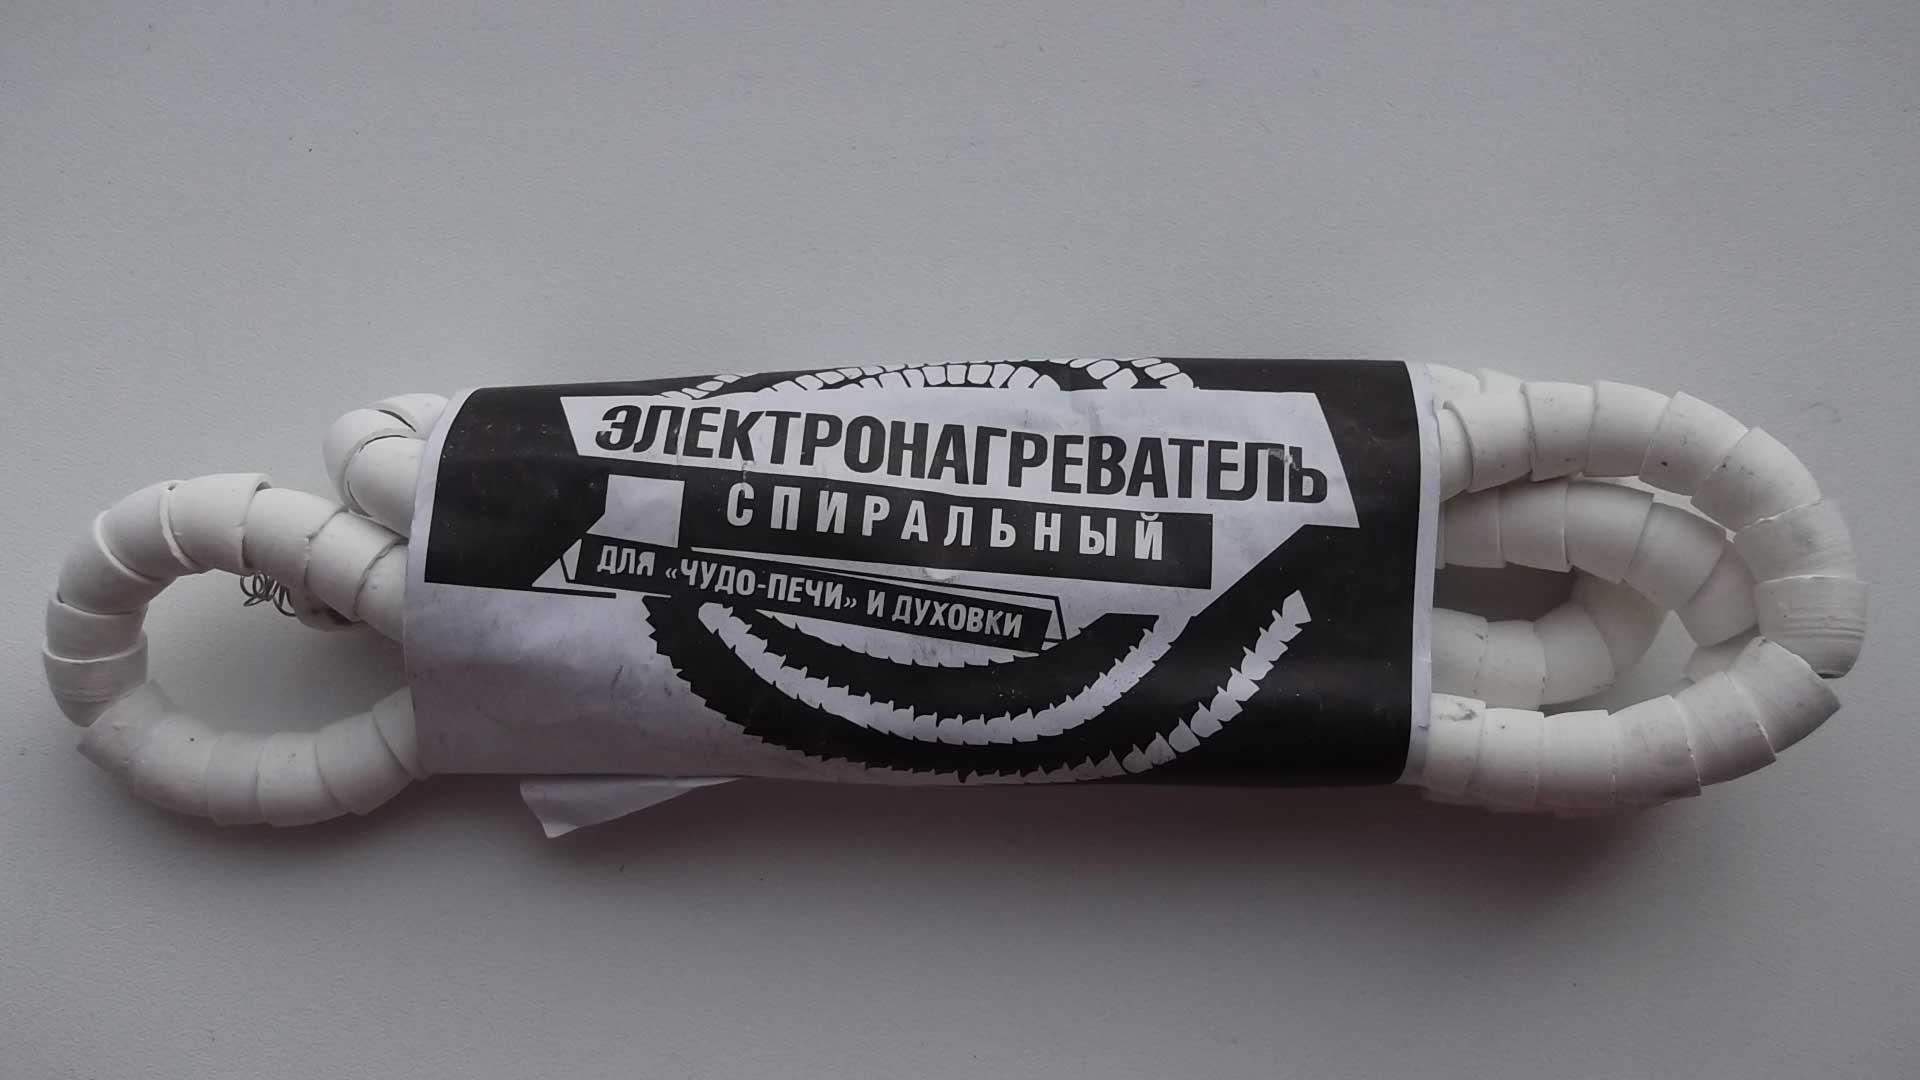 Электронагреватель спиральный для чудо-печи и духовки